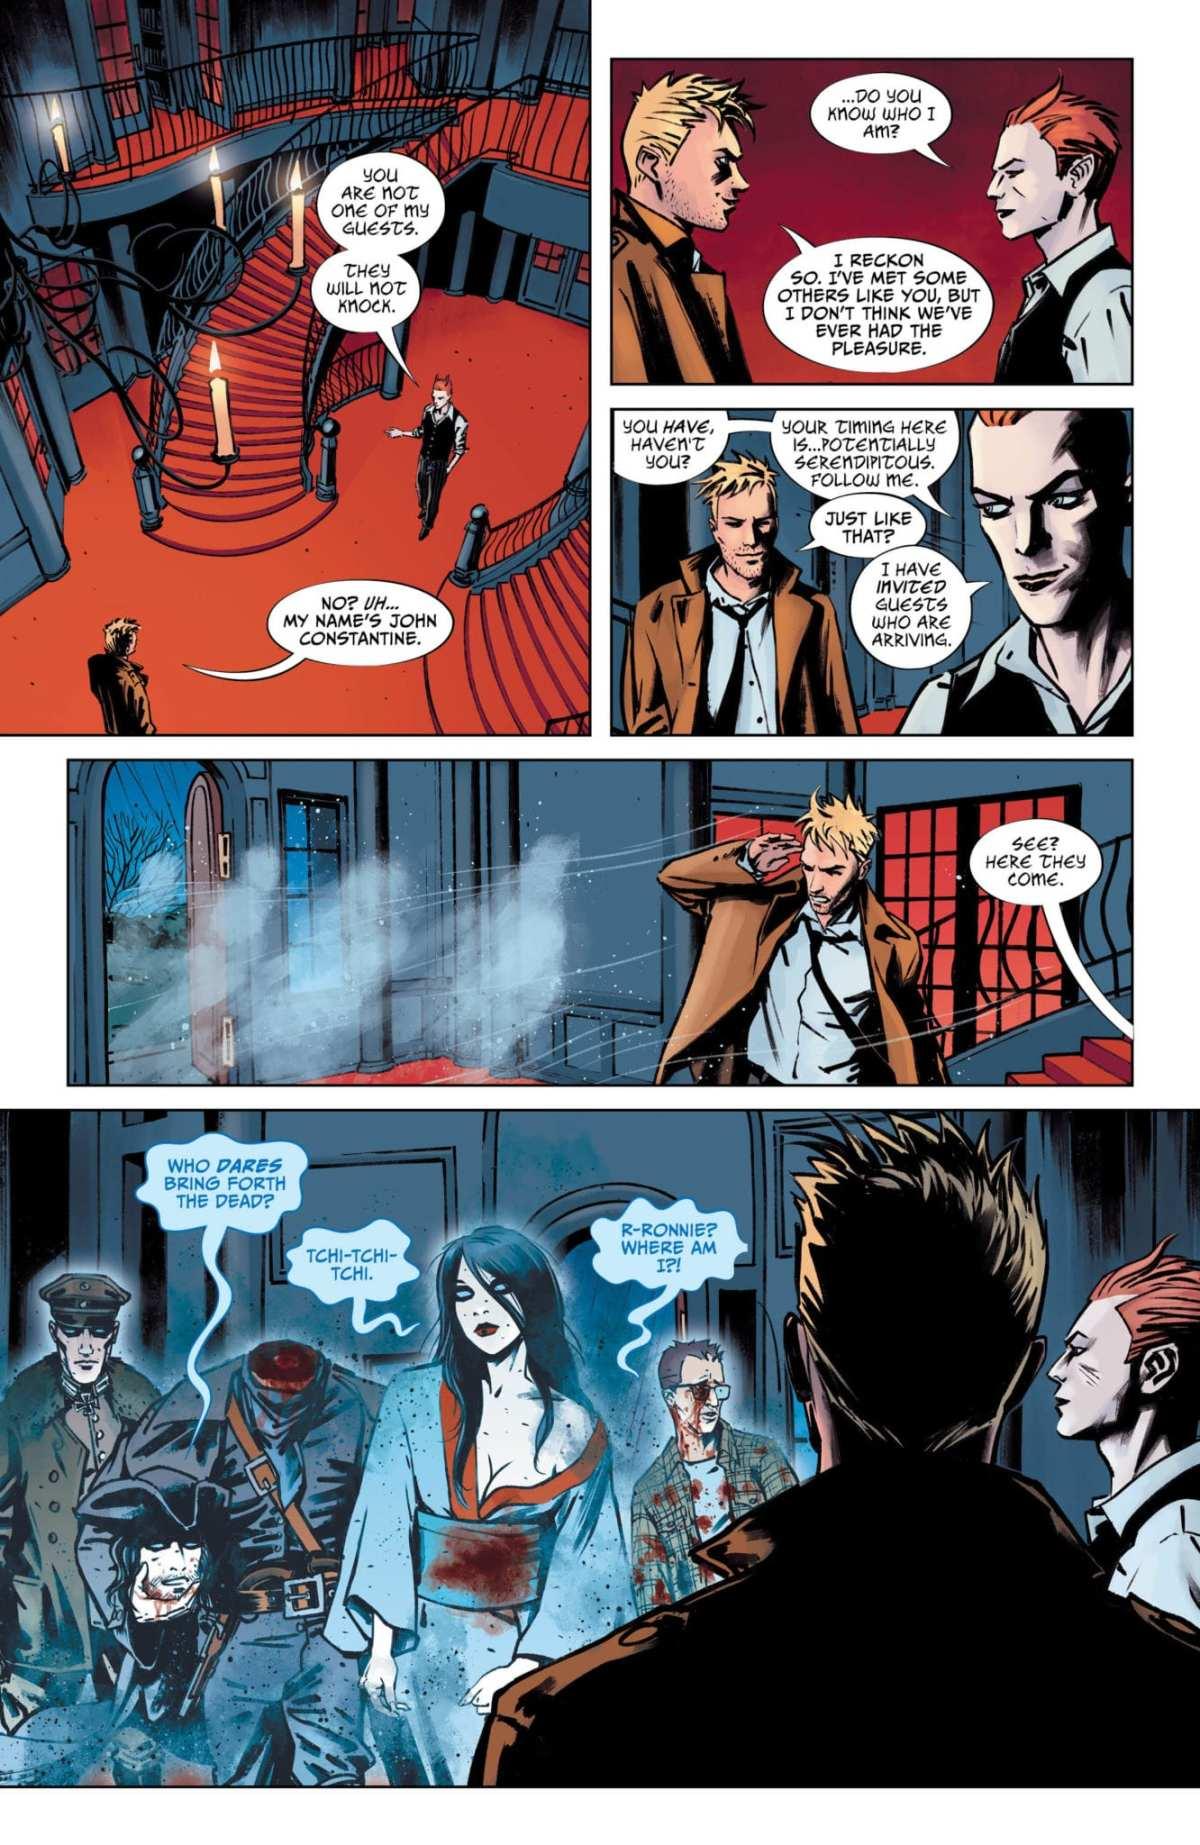 Lucifer #15, Page #4: Lucifer's dead guests arrive